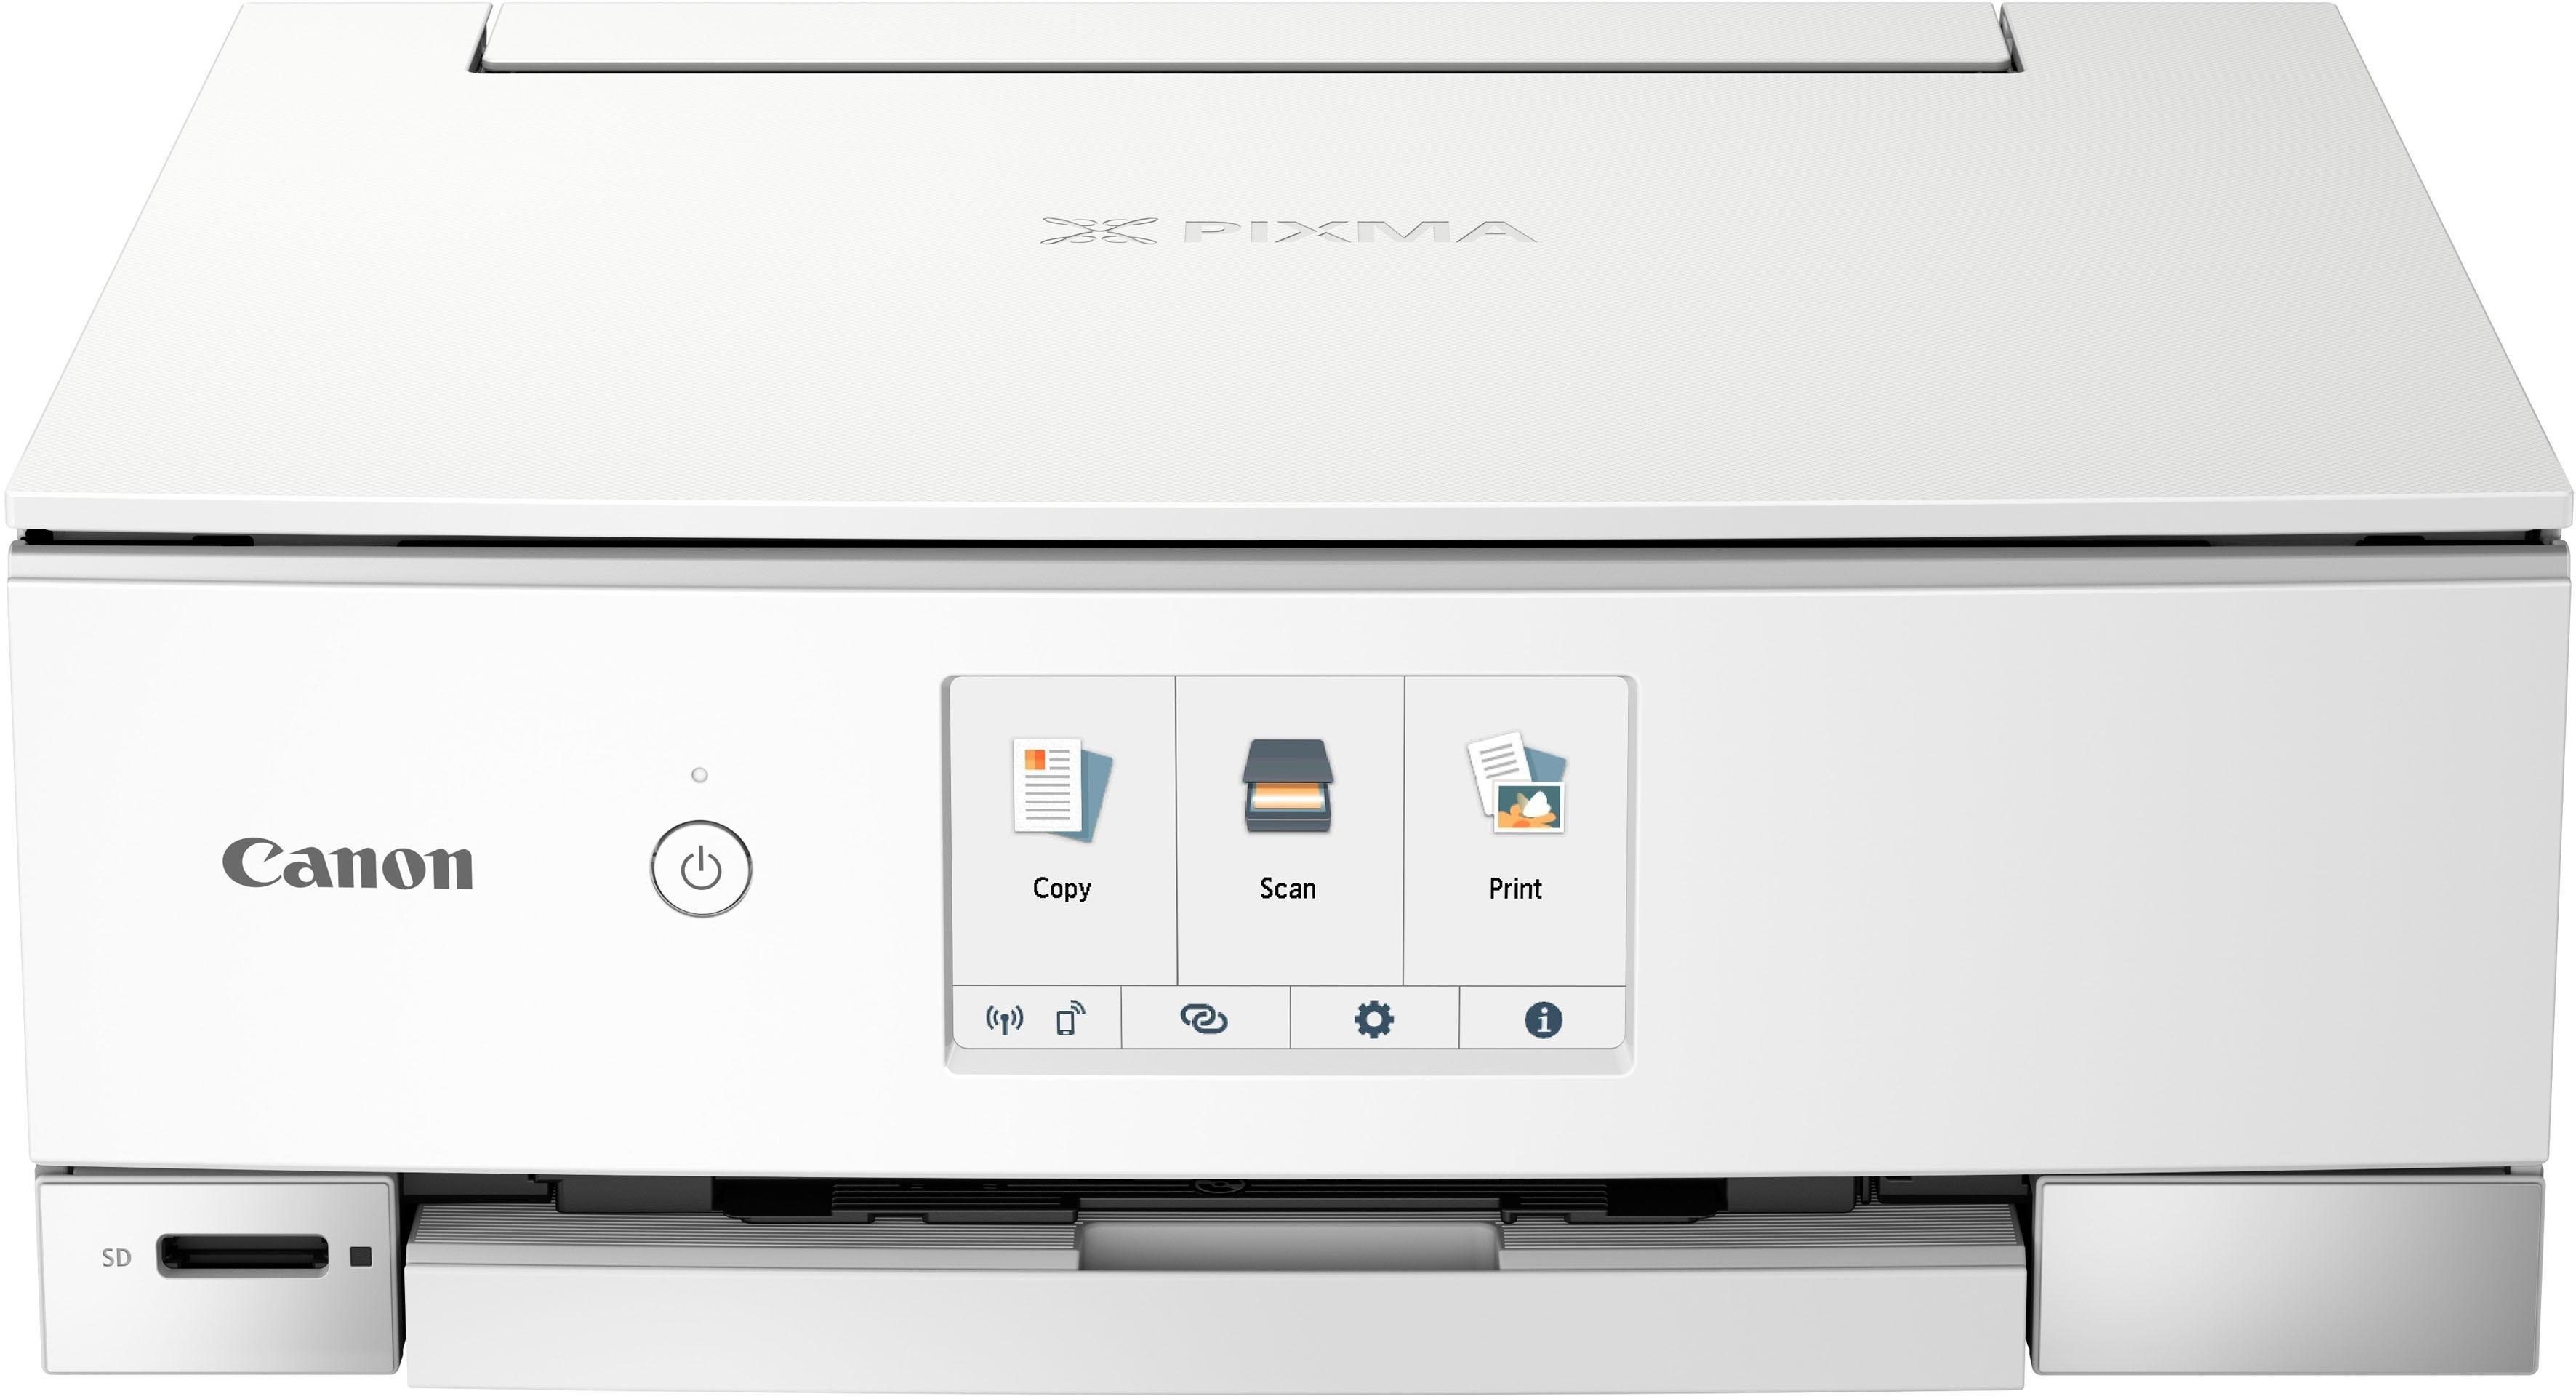 Op zoek naar een Canon PIXMA TS8250_51_52 printer? Koop online bij OTTO